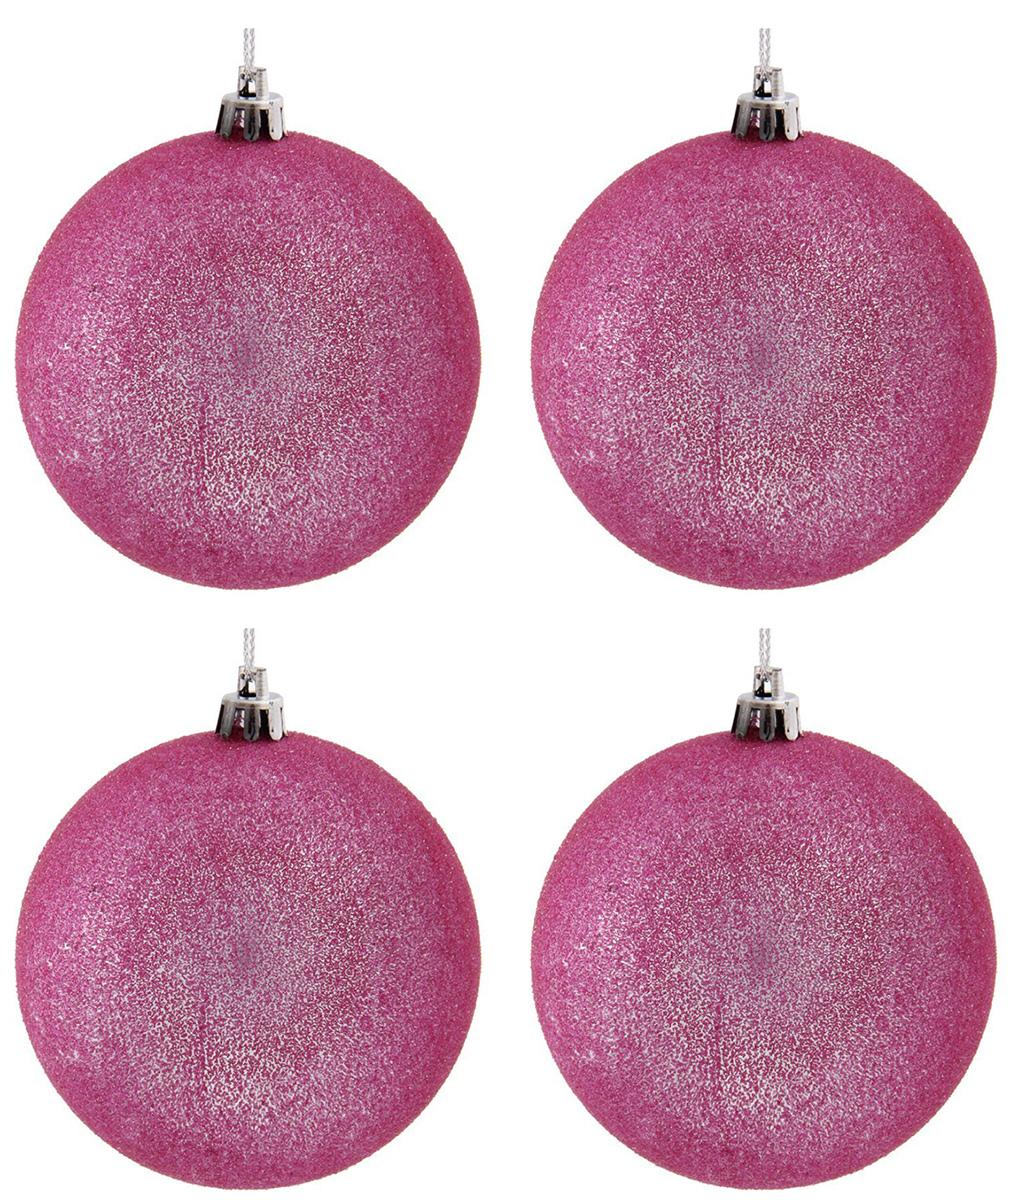 Набор новогодних подвесных украшений Sima-land Сияние, цвет: розовый, диаметр 8 см, 4 шт1307144Набор новогодних подвесных украшений Sima-land отлично подойдет для декорации вашего дома и новогодней ели. С помощью специальной петельки украшение можно повесить в любом понравившемся вам месте. Но, конечно, удачнее всего оно будет смотреться на праздничной елке. Елочная игрушка - символ Нового года. Она несет в себе волшебство и красоту праздника. Создайте в своем доме атмосферу веселья и радости, украшая новогоднюю елку нарядными игрушками, которые будут из года в год накапливать теплоту воспоминаний.